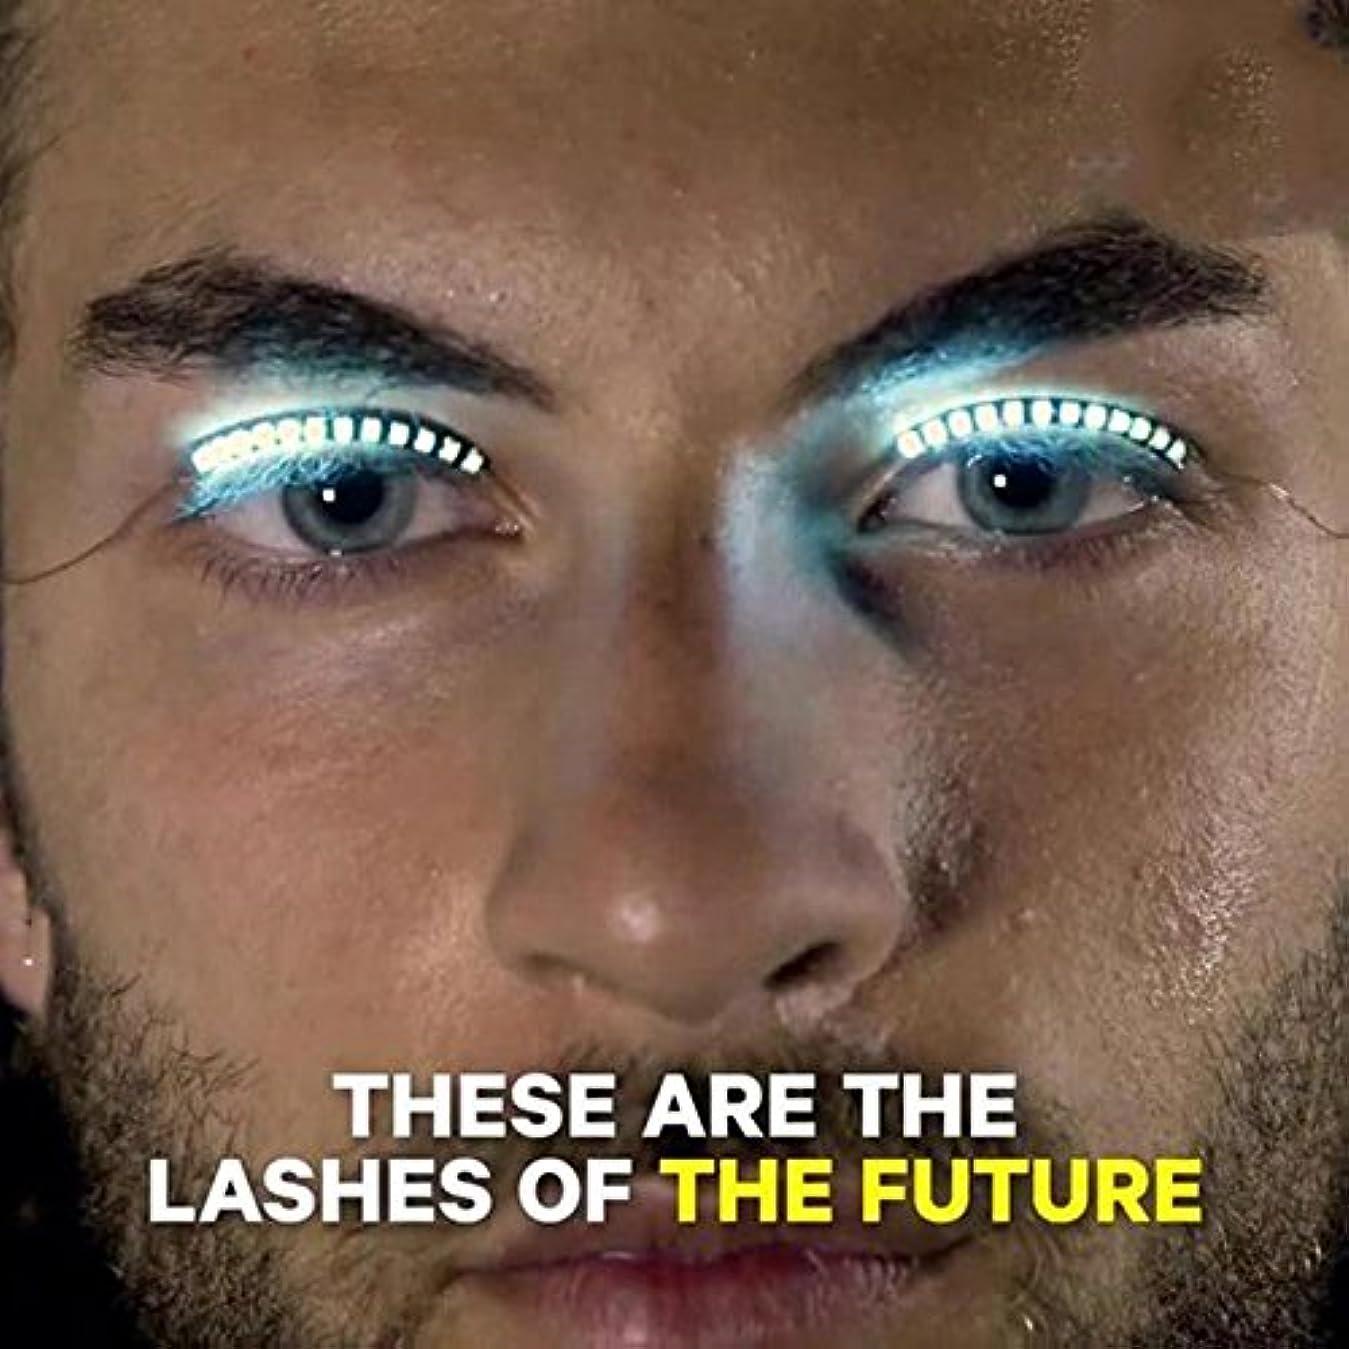 アンタゴニスト鉱夫ダイエットHongch 2PCSつけまつげは、ルミナスのLED 毎日のためのファッションのプロフェッショナル 防水輝きます メイクアップツール